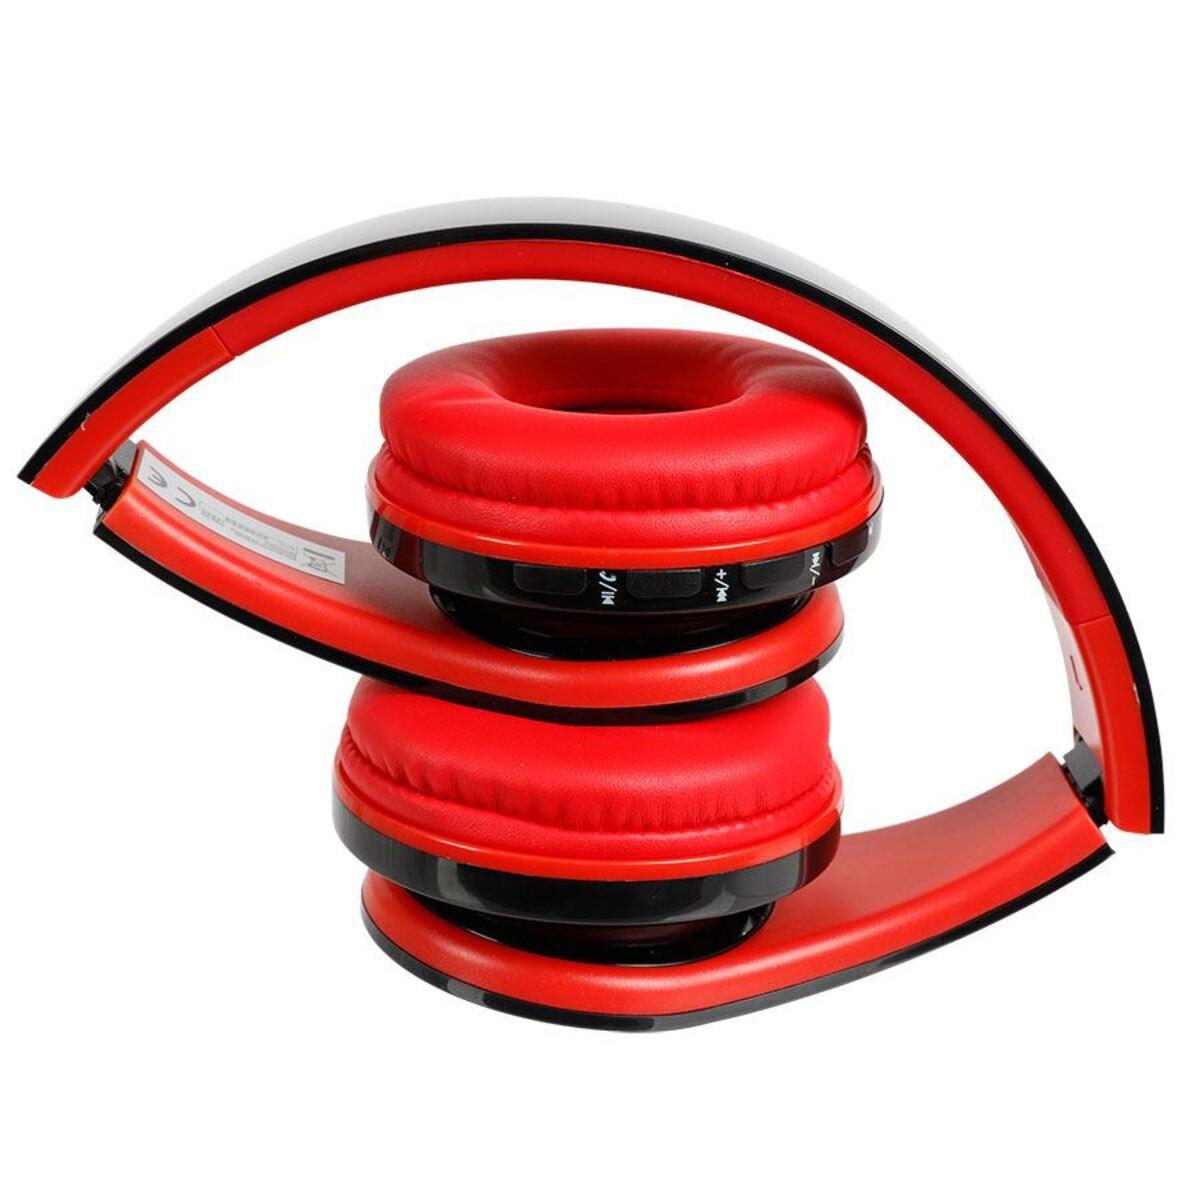 Bild 2 von Grundig Bluetooth-Stereo-Kopfhörer mit LED-Diskolicht Rot/Schwarz